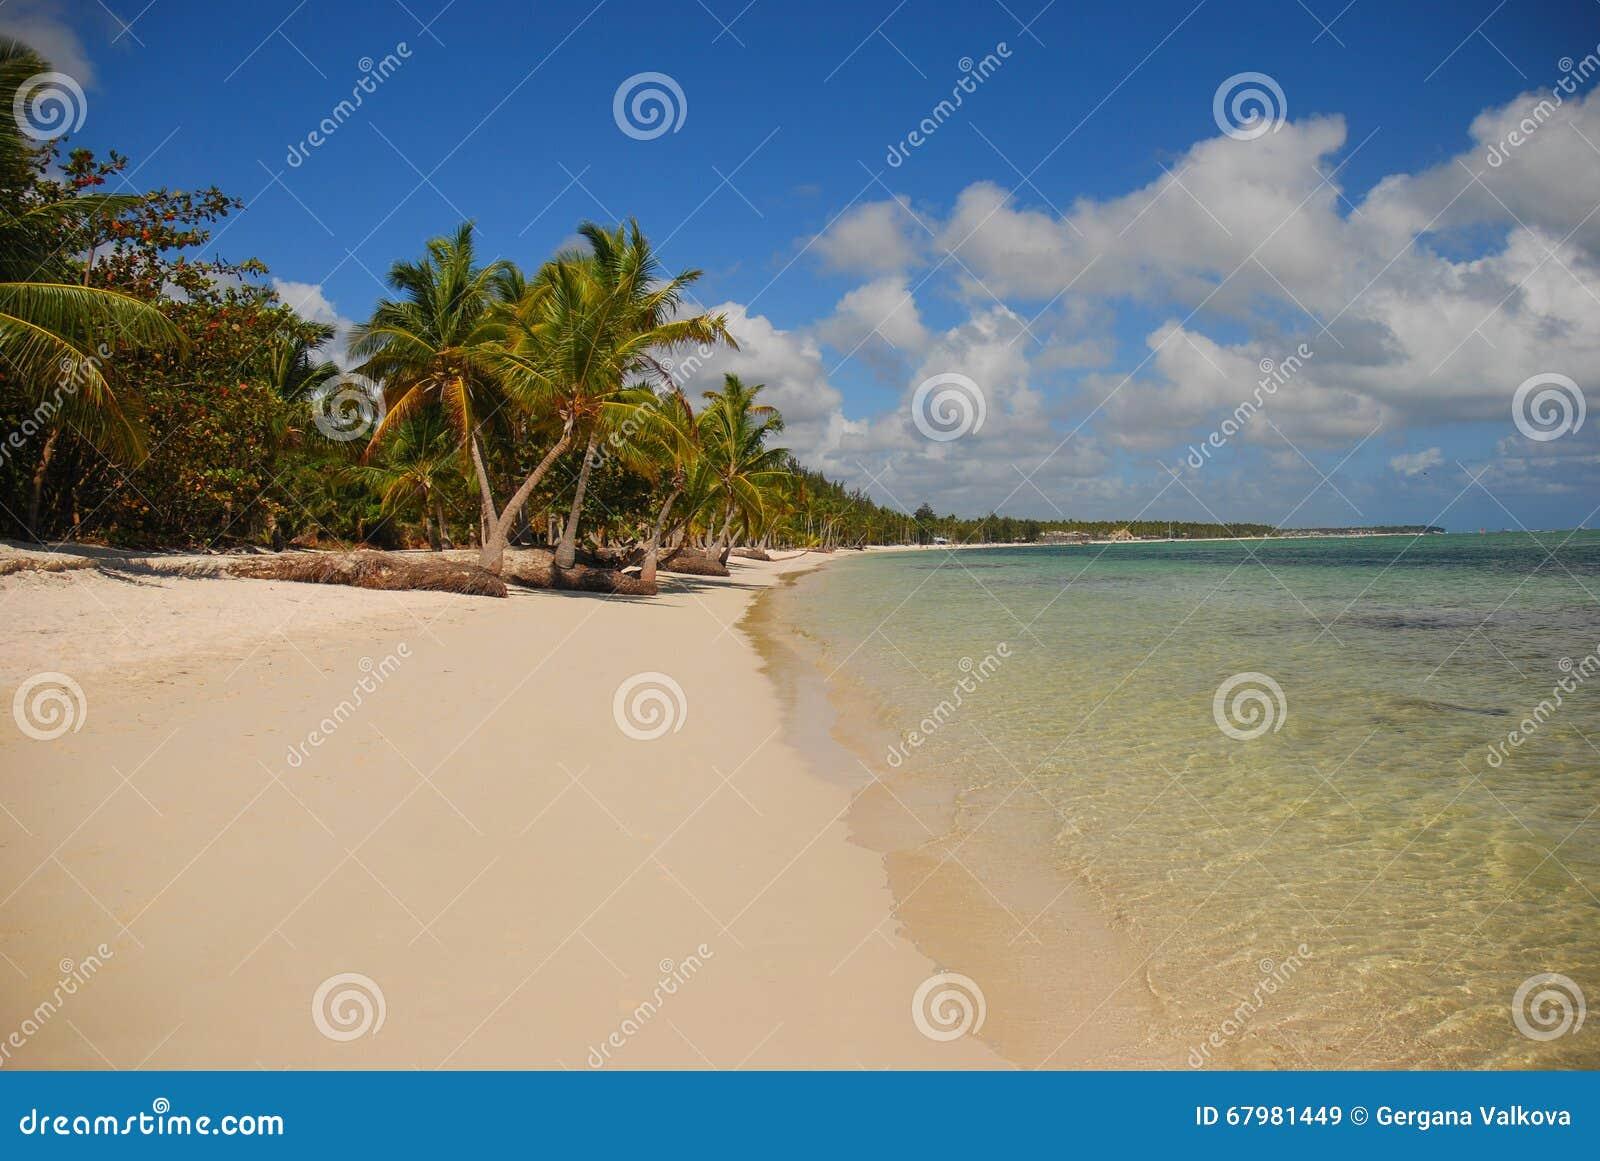 Φοίνικες και αμμώδης παραλία στη Δομινικανή Δημοκρατία